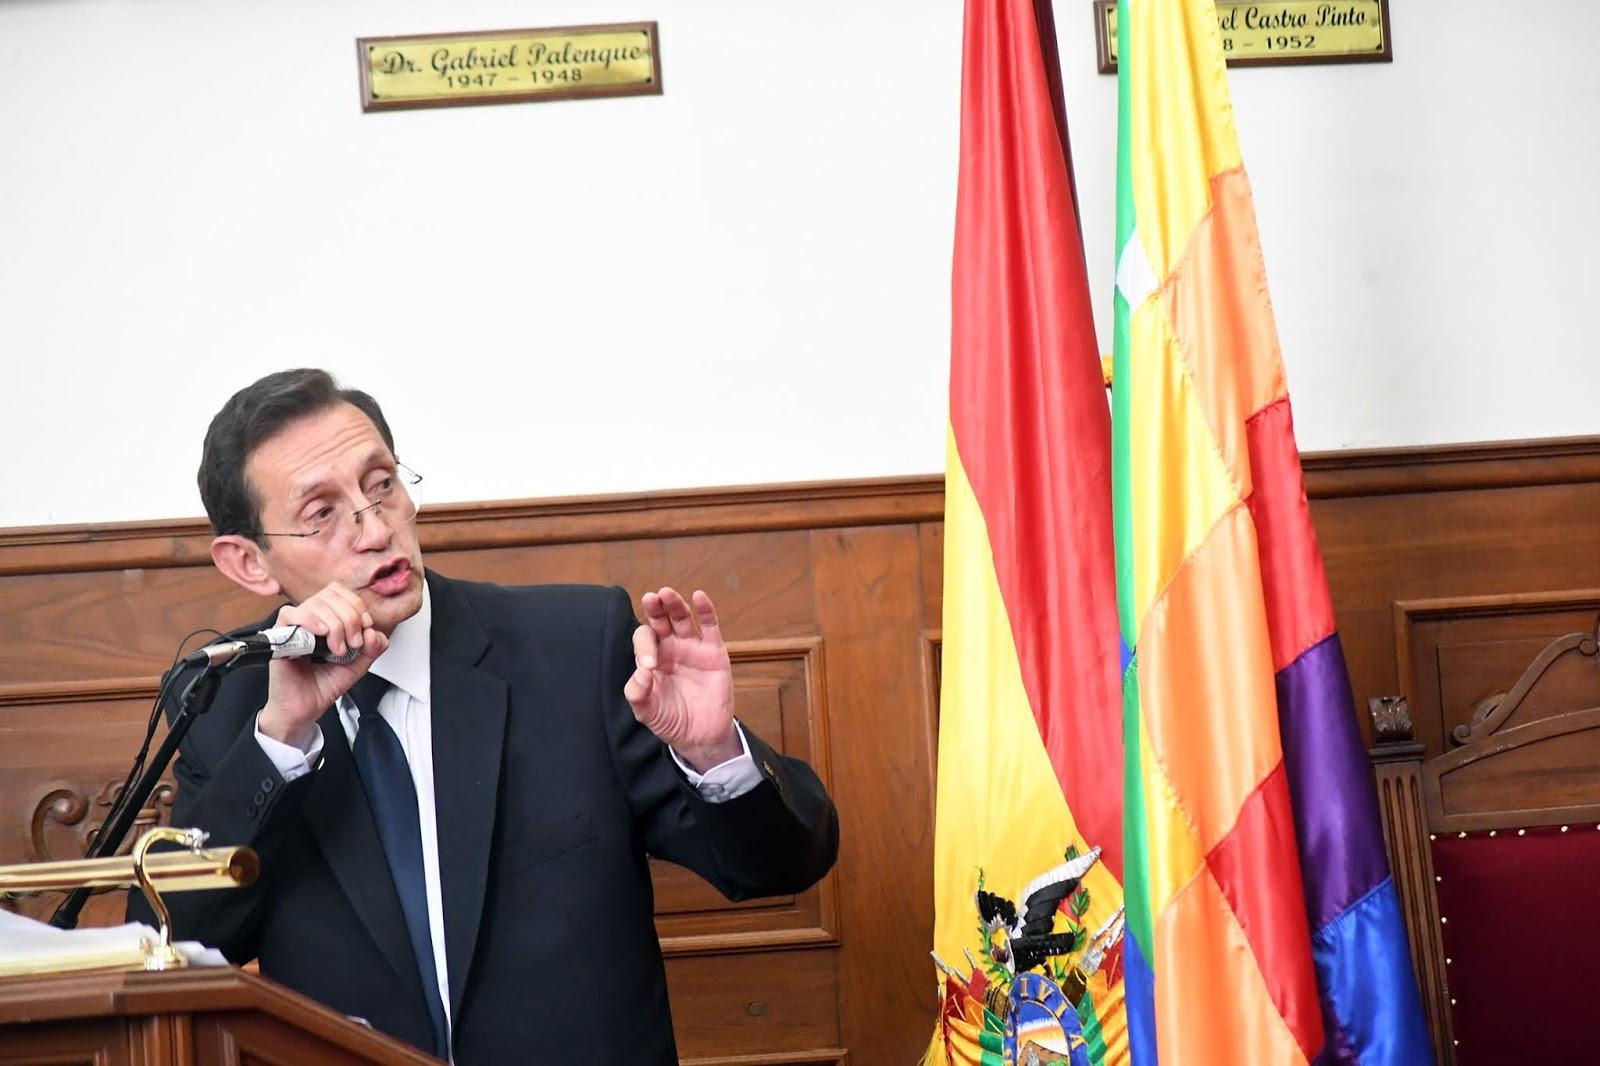 Juez chuquisaqueño fue electo magistrado en 2017 con 33 mil votos / ABI